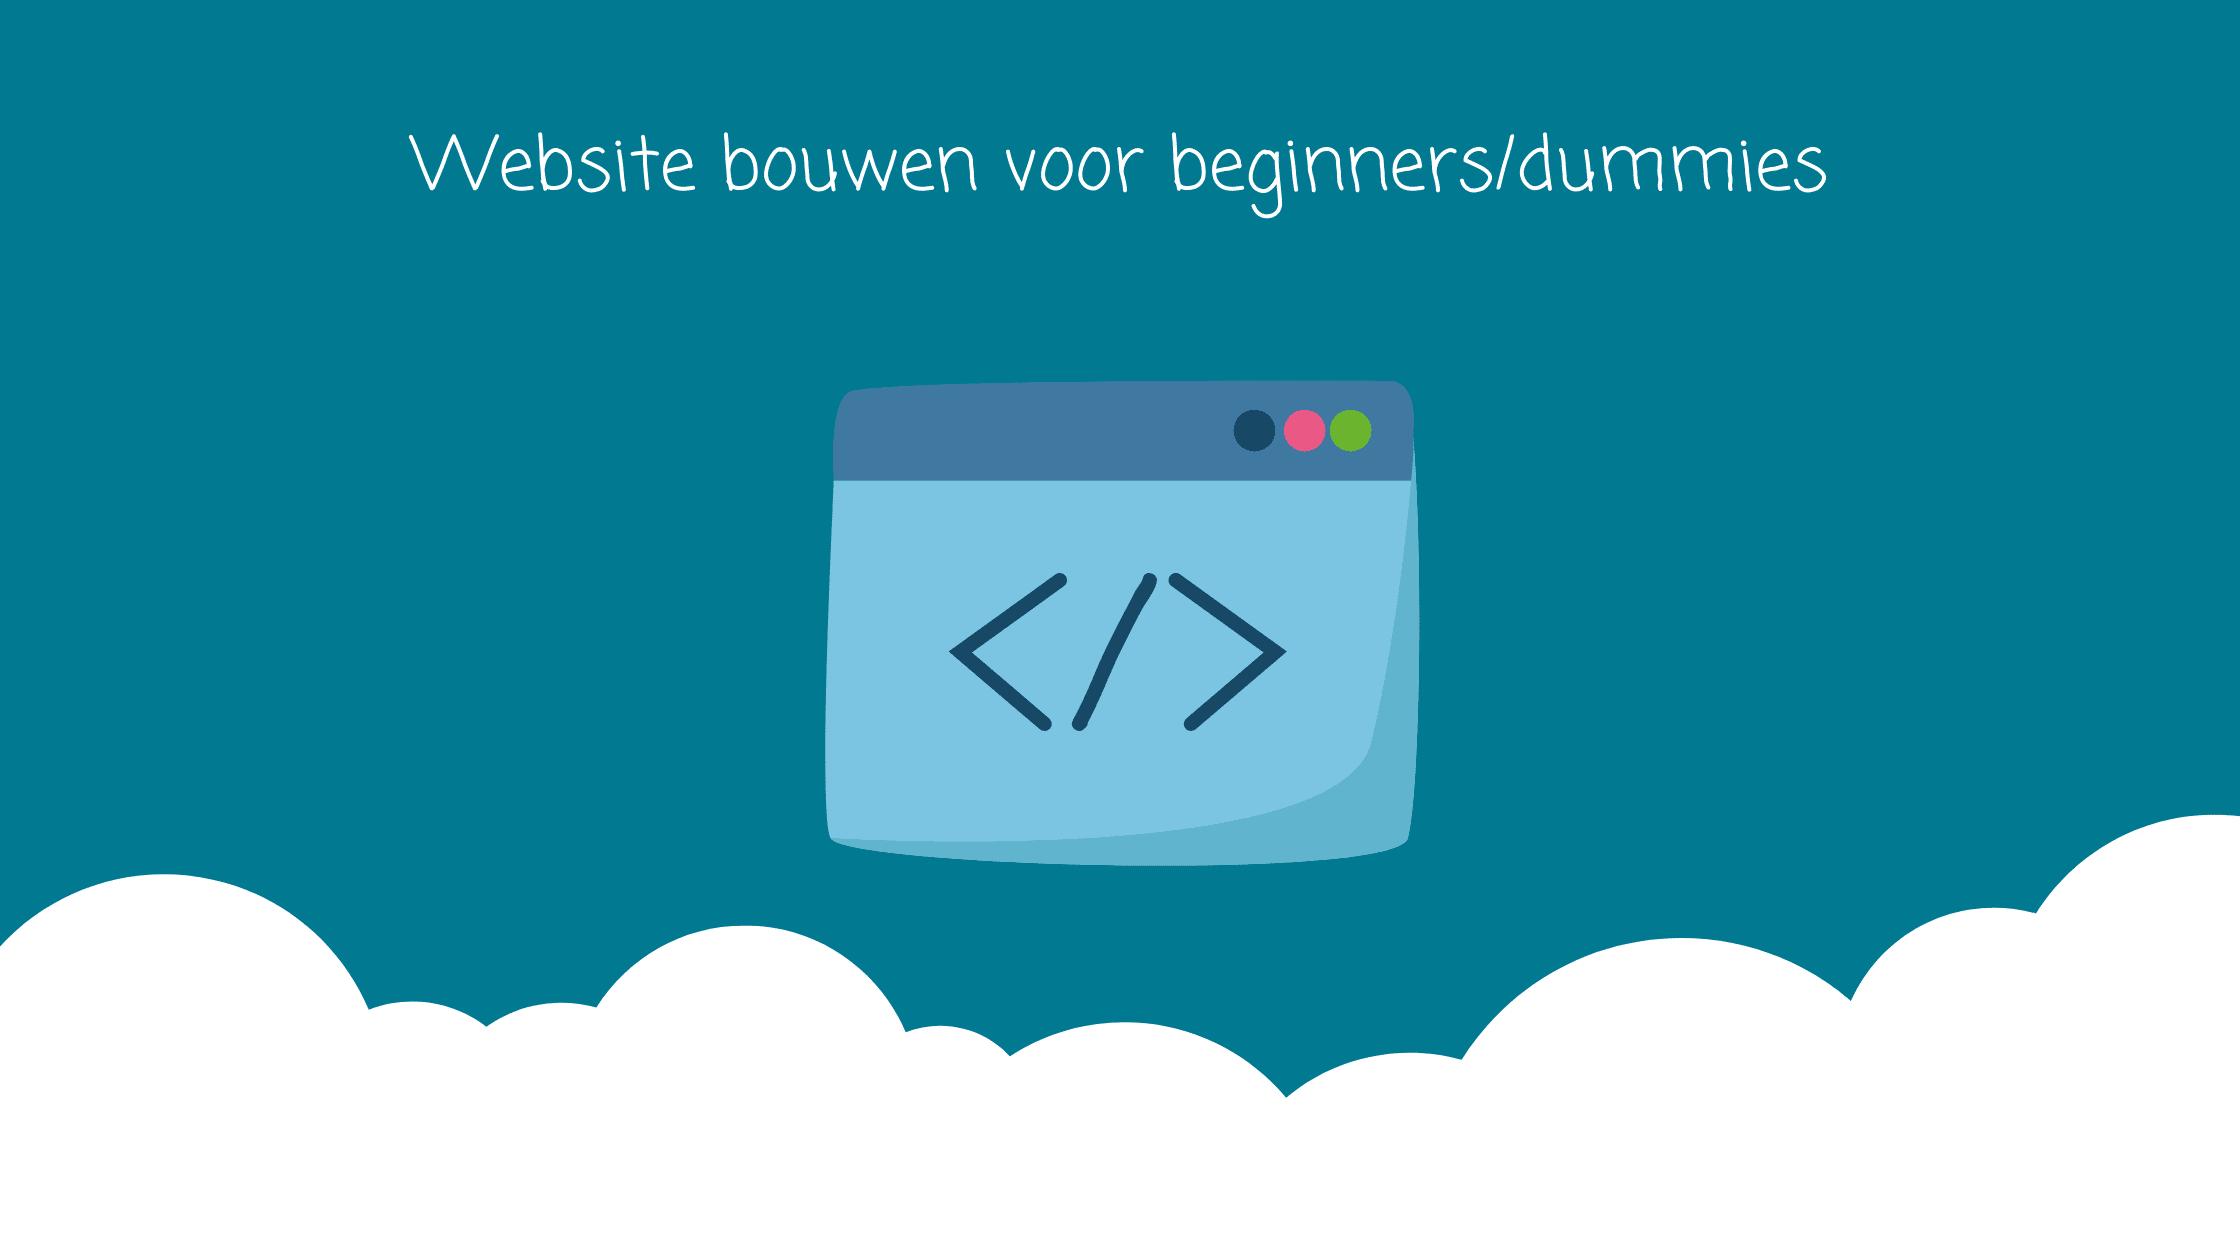 website-bouwen-voor-beginners-dummies